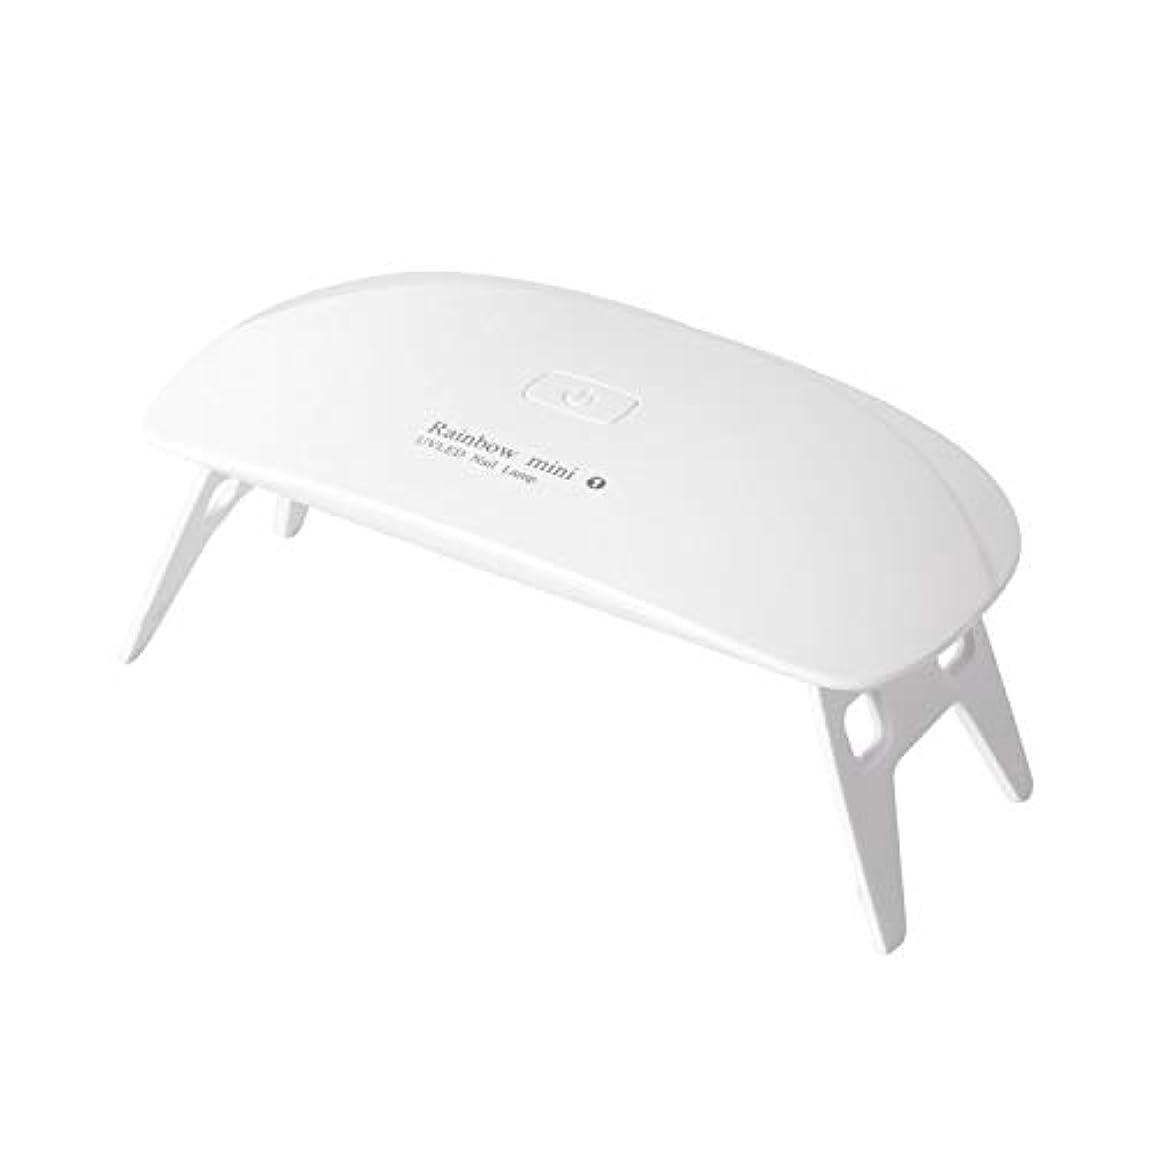 冷酷な強要バナナLEDネイルドライヤー AmoVee UVライト 硬化用UVライト タイマー設定可能 折りたたみ式 ジェルネイル用 ホワイト